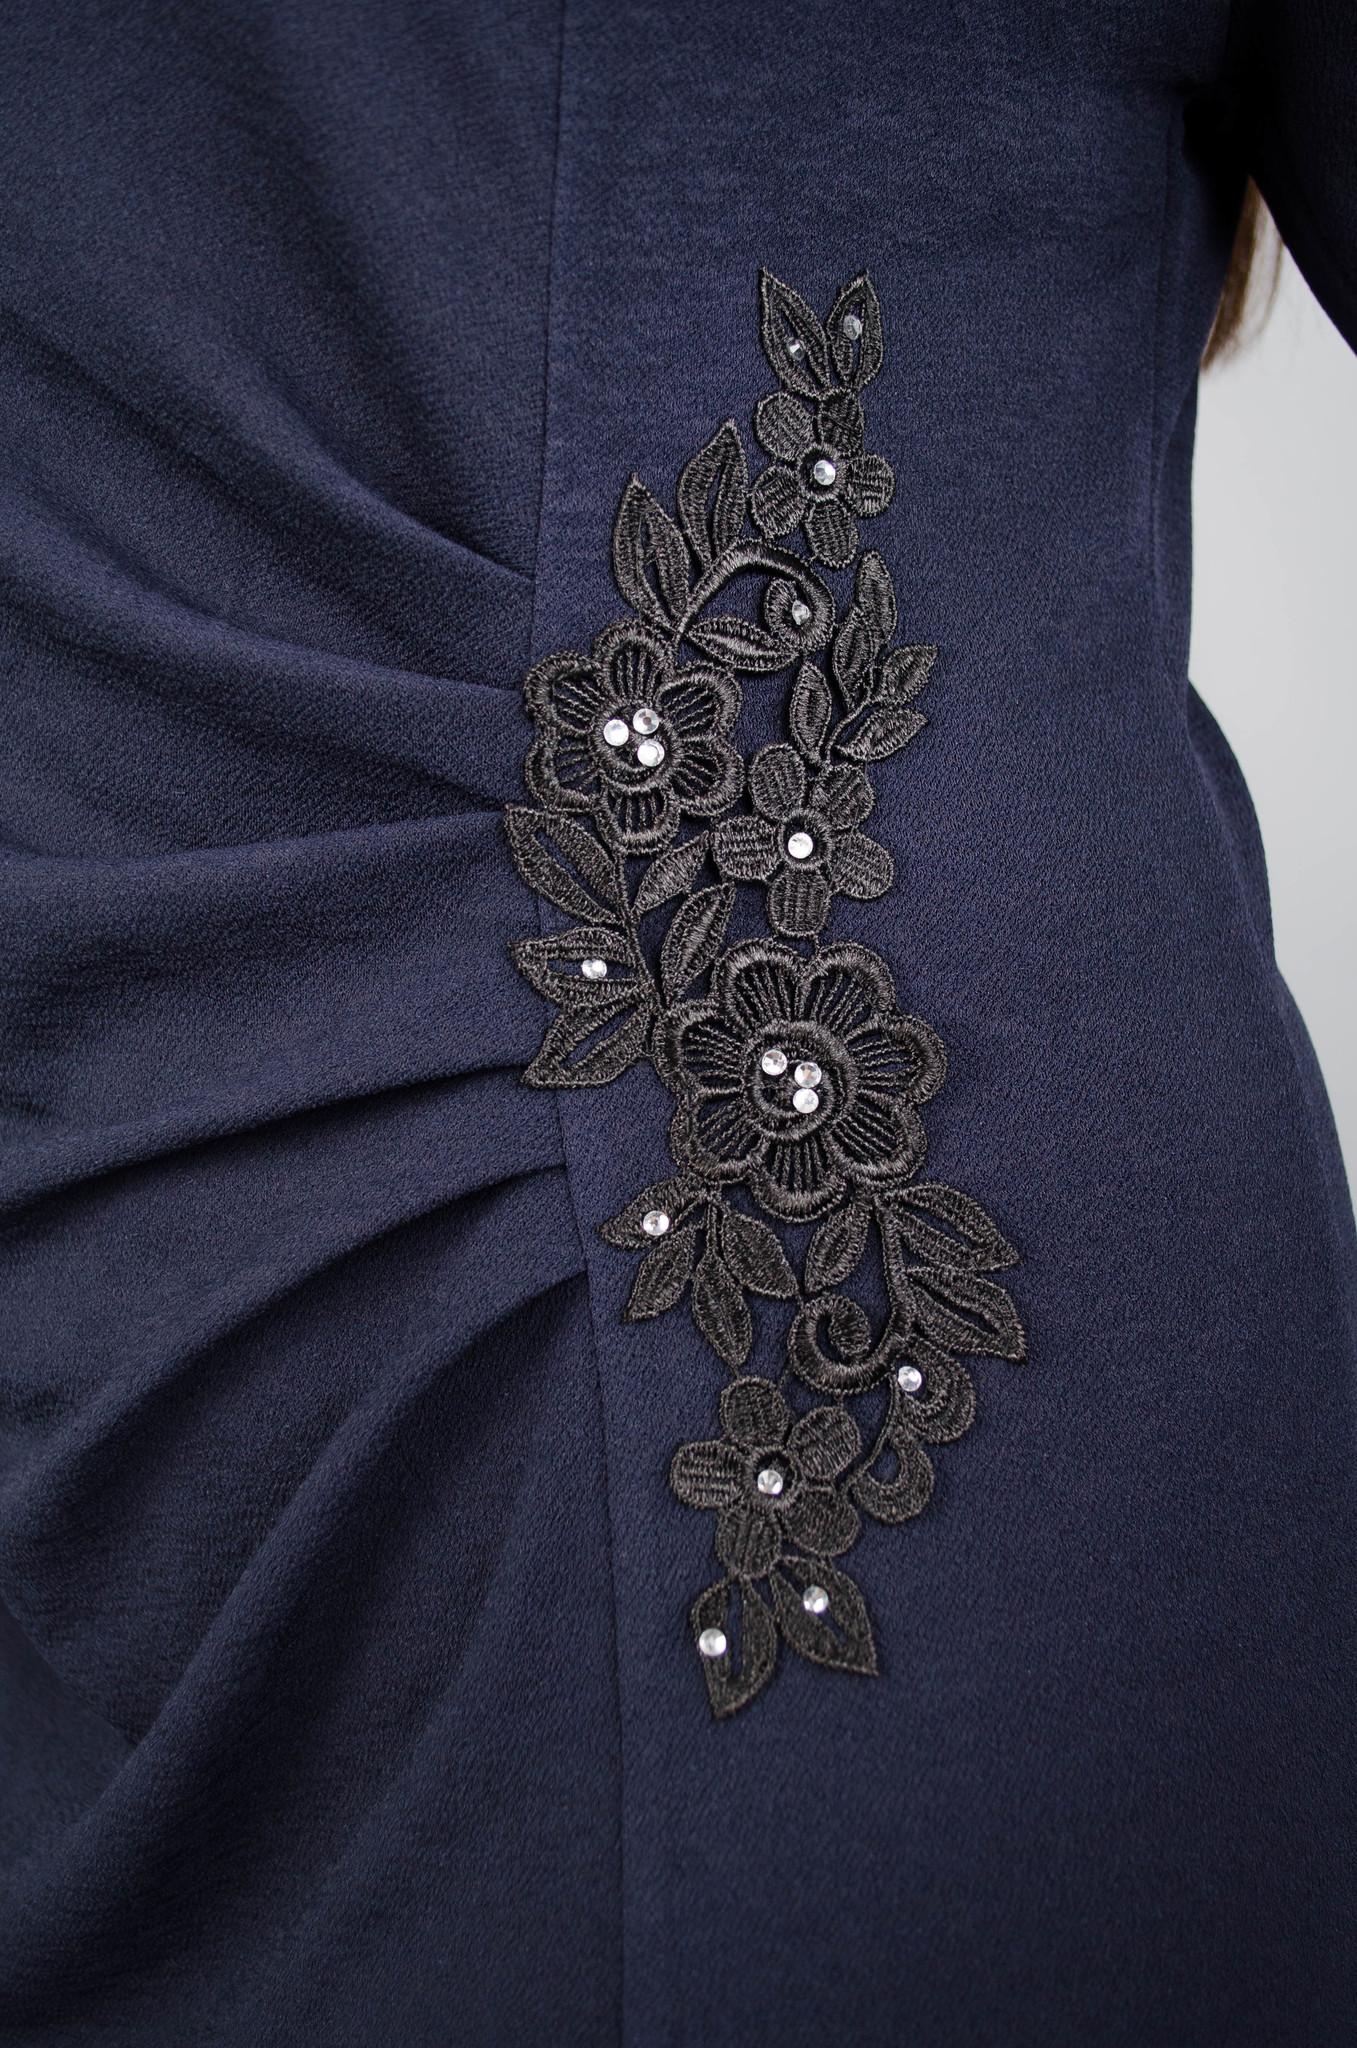 Тейлор. Гарна жіноча сукня плюс сайз. Синій. - купить по выгодной ... d4a43943b91f5